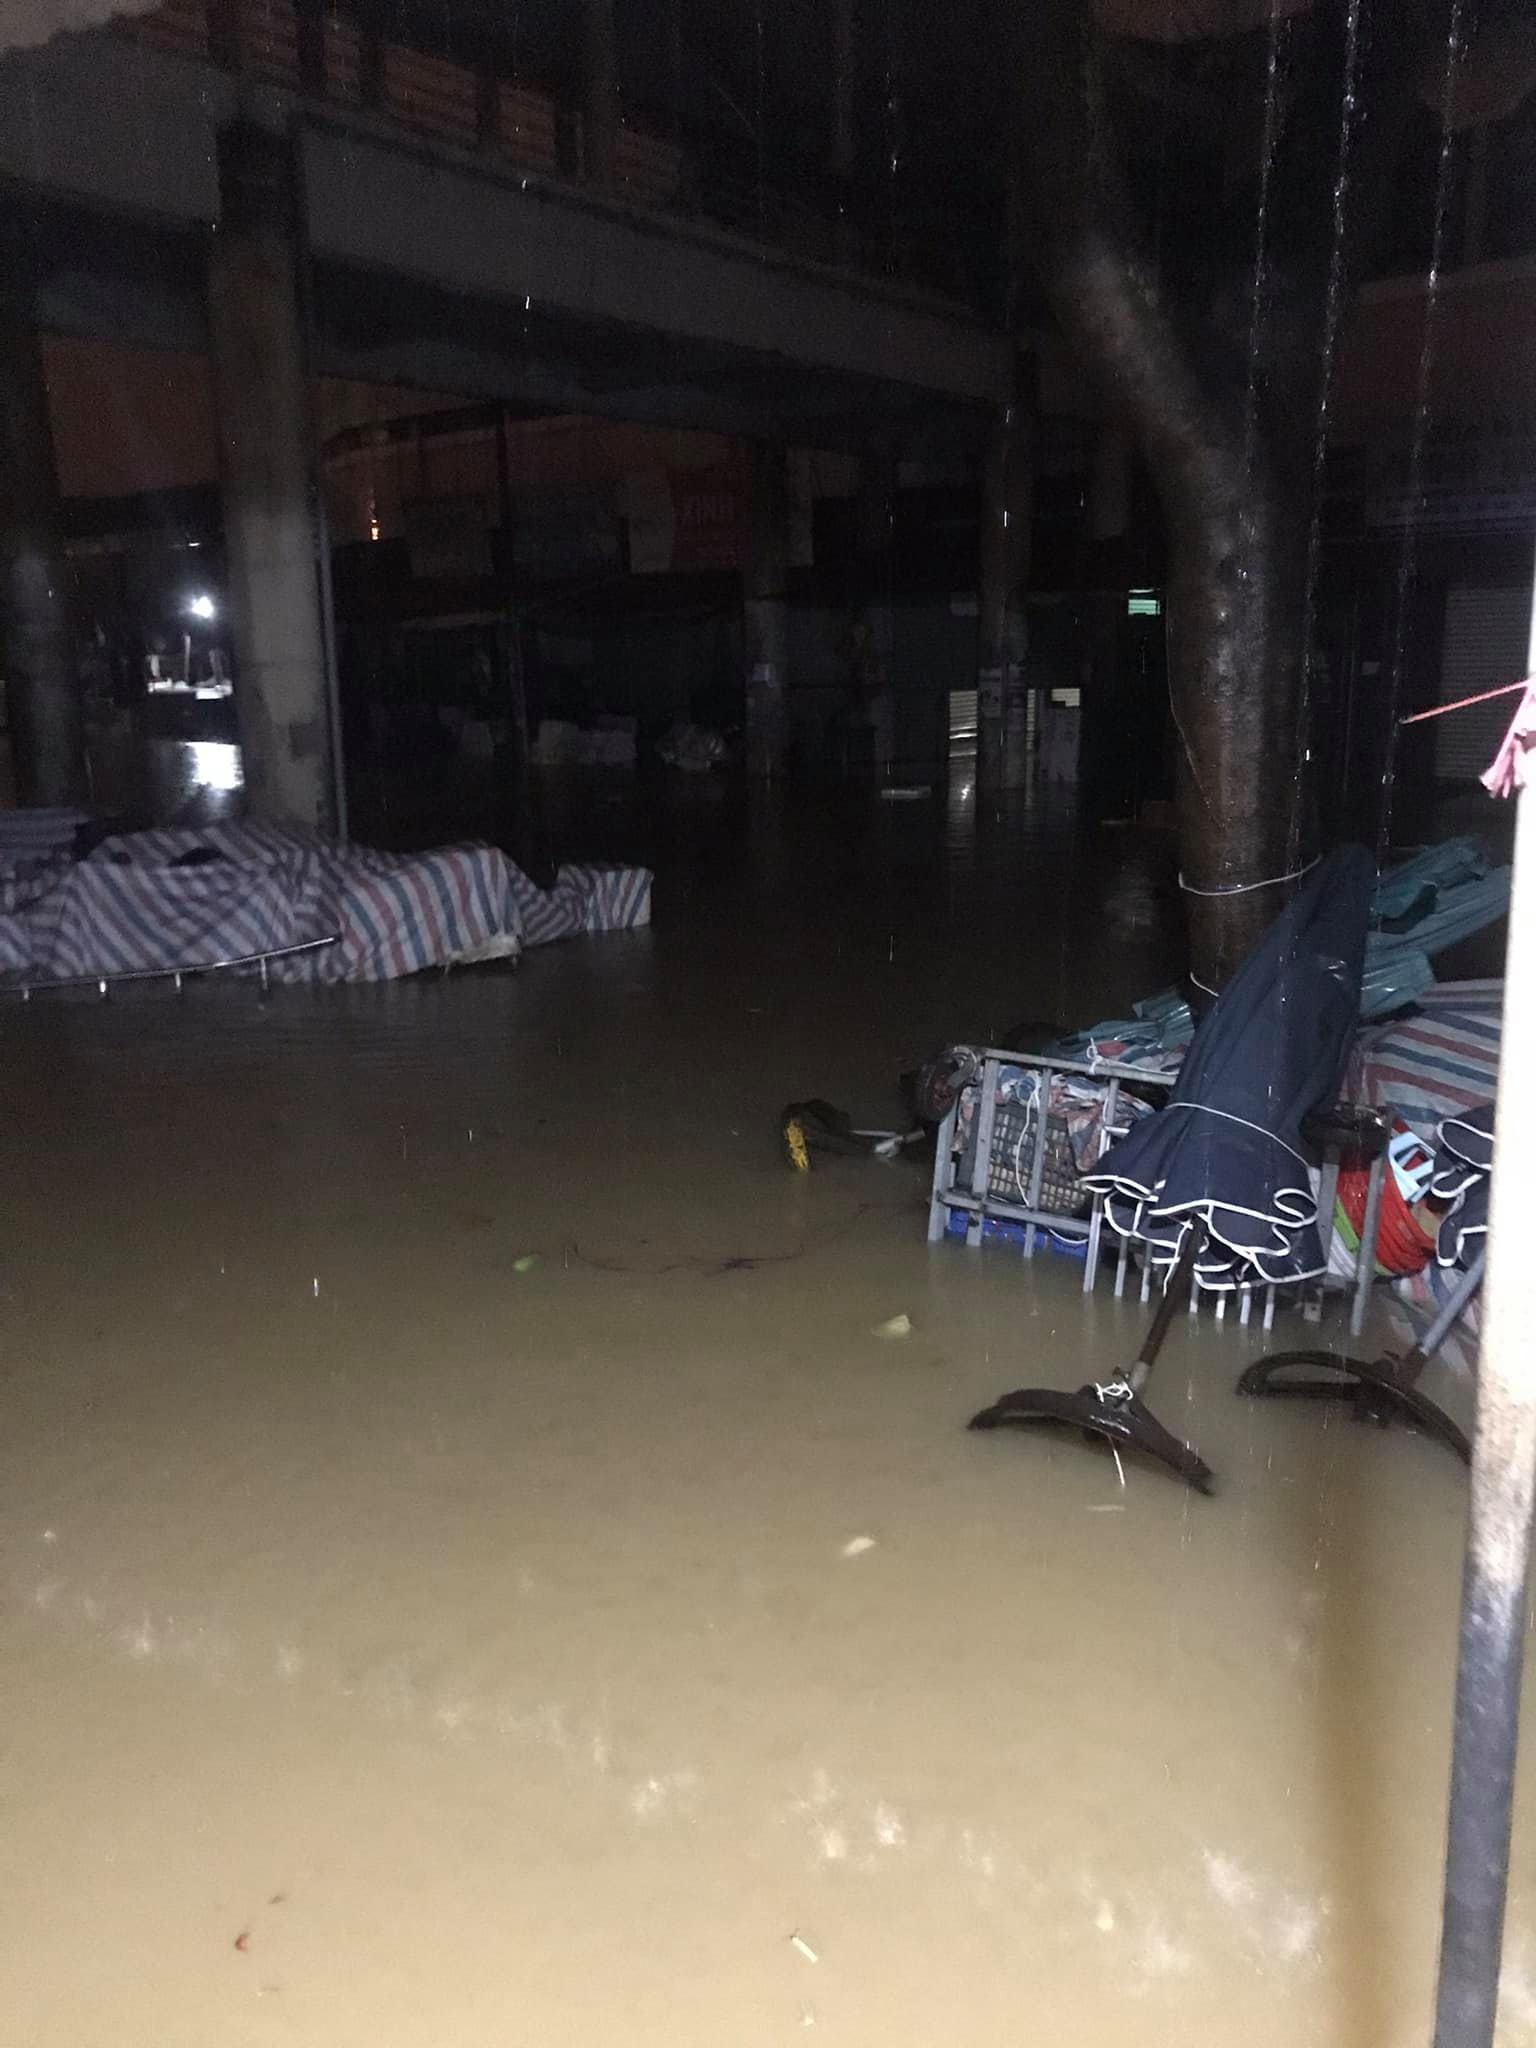 Quảng Bình: Nước dâng trong đêm, đội cứu hộ nỗ lực từng giây, nhiều nơi chưa thể tiếp cận vì nước chảy xiết 11